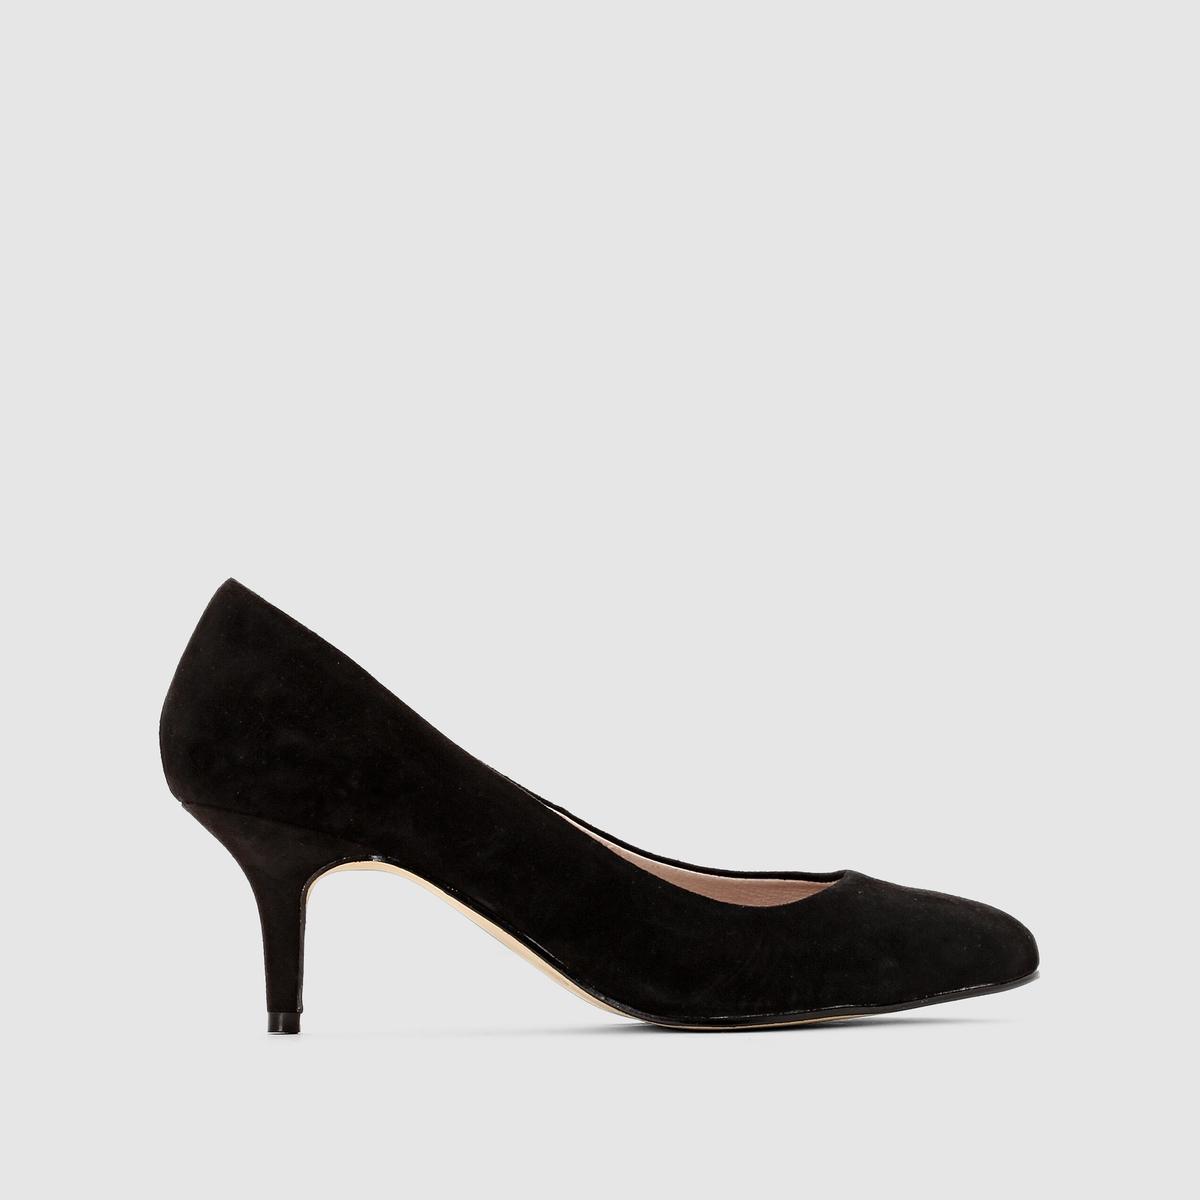 Туфли кожаныеТуфли кожаные                                  Верх: яловичная кожа Подкладка: кожаСтелька: кожаПодошва: эластомерВысота каблука: 6,5 смЗастежка: без застежкиПреимущества: яркая или черная расцветка, стелька золотистого цвета, качественные и комфортные туфли. Слегка закругленный носок, плотно прилегающие.<br><br>Цвет: черный<br>Размер: 39